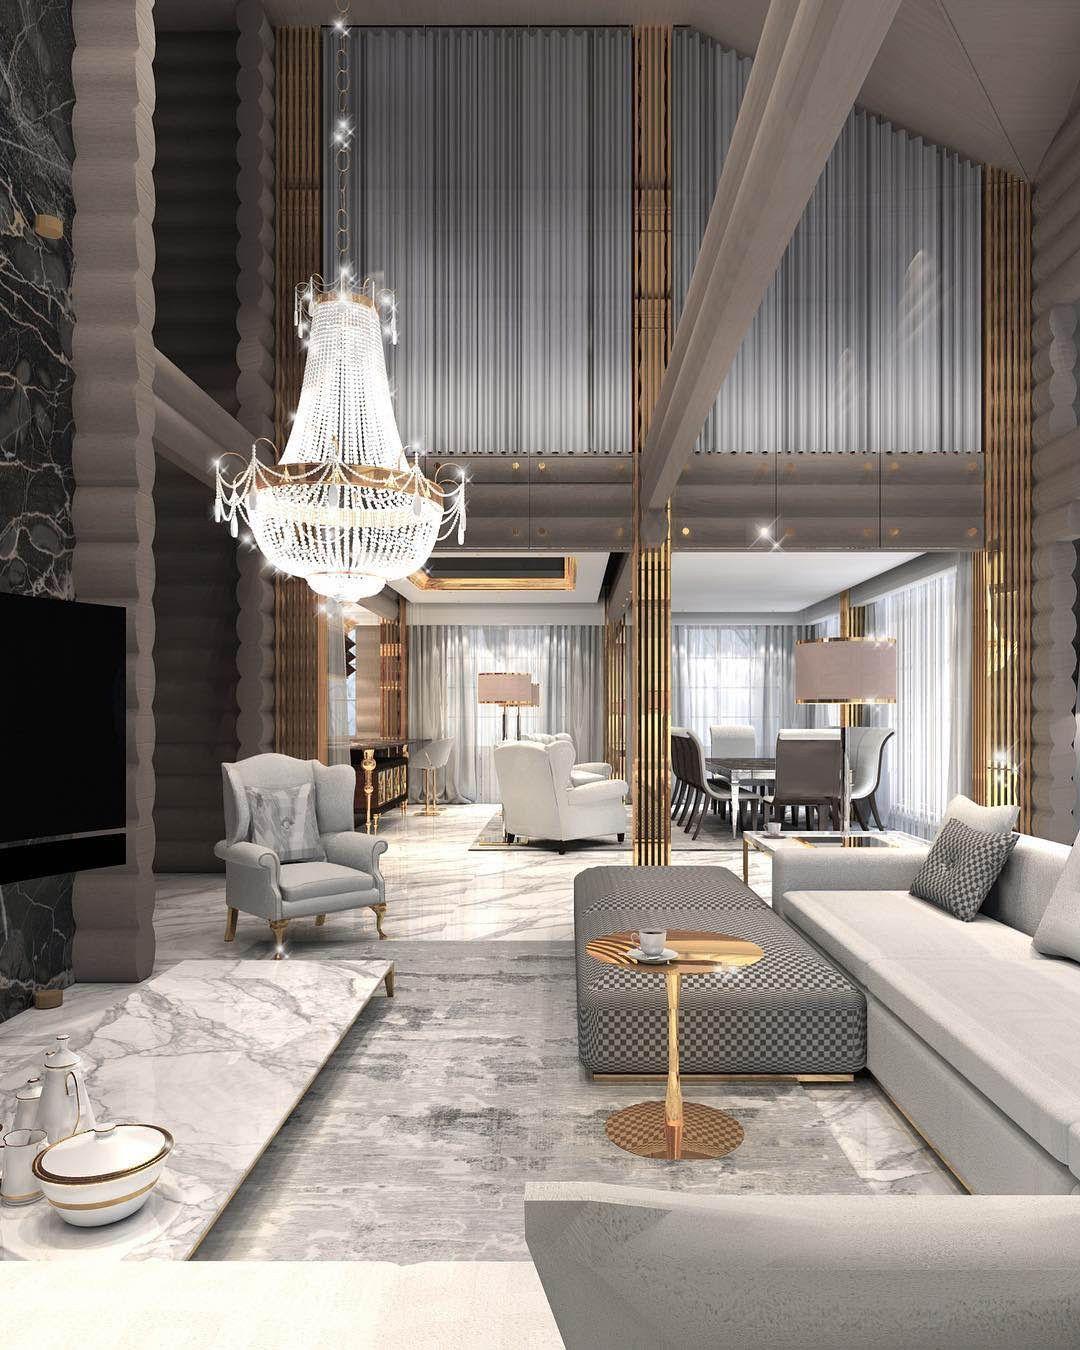 Contemporary Living Room Interior Design: Constantine Frolov Interior Designer